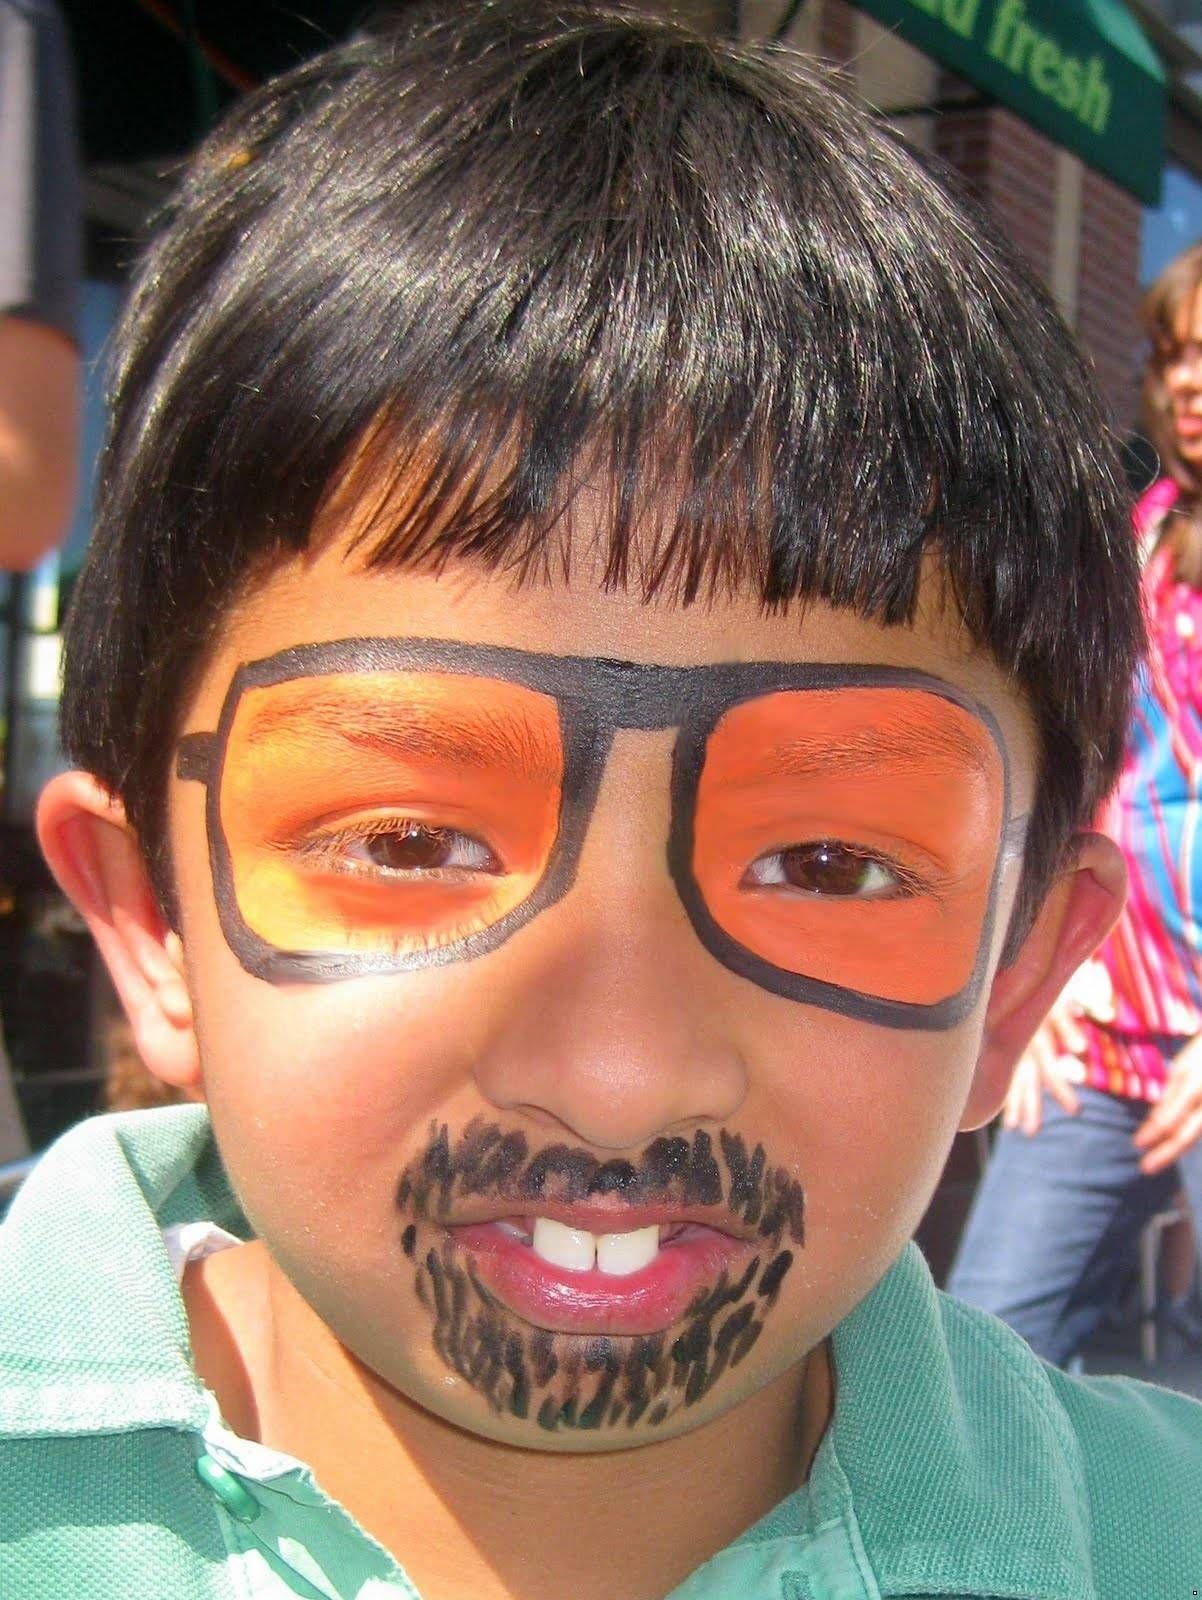 | Схемы раскраски лиц, Детский грим, Раскрашенные лица